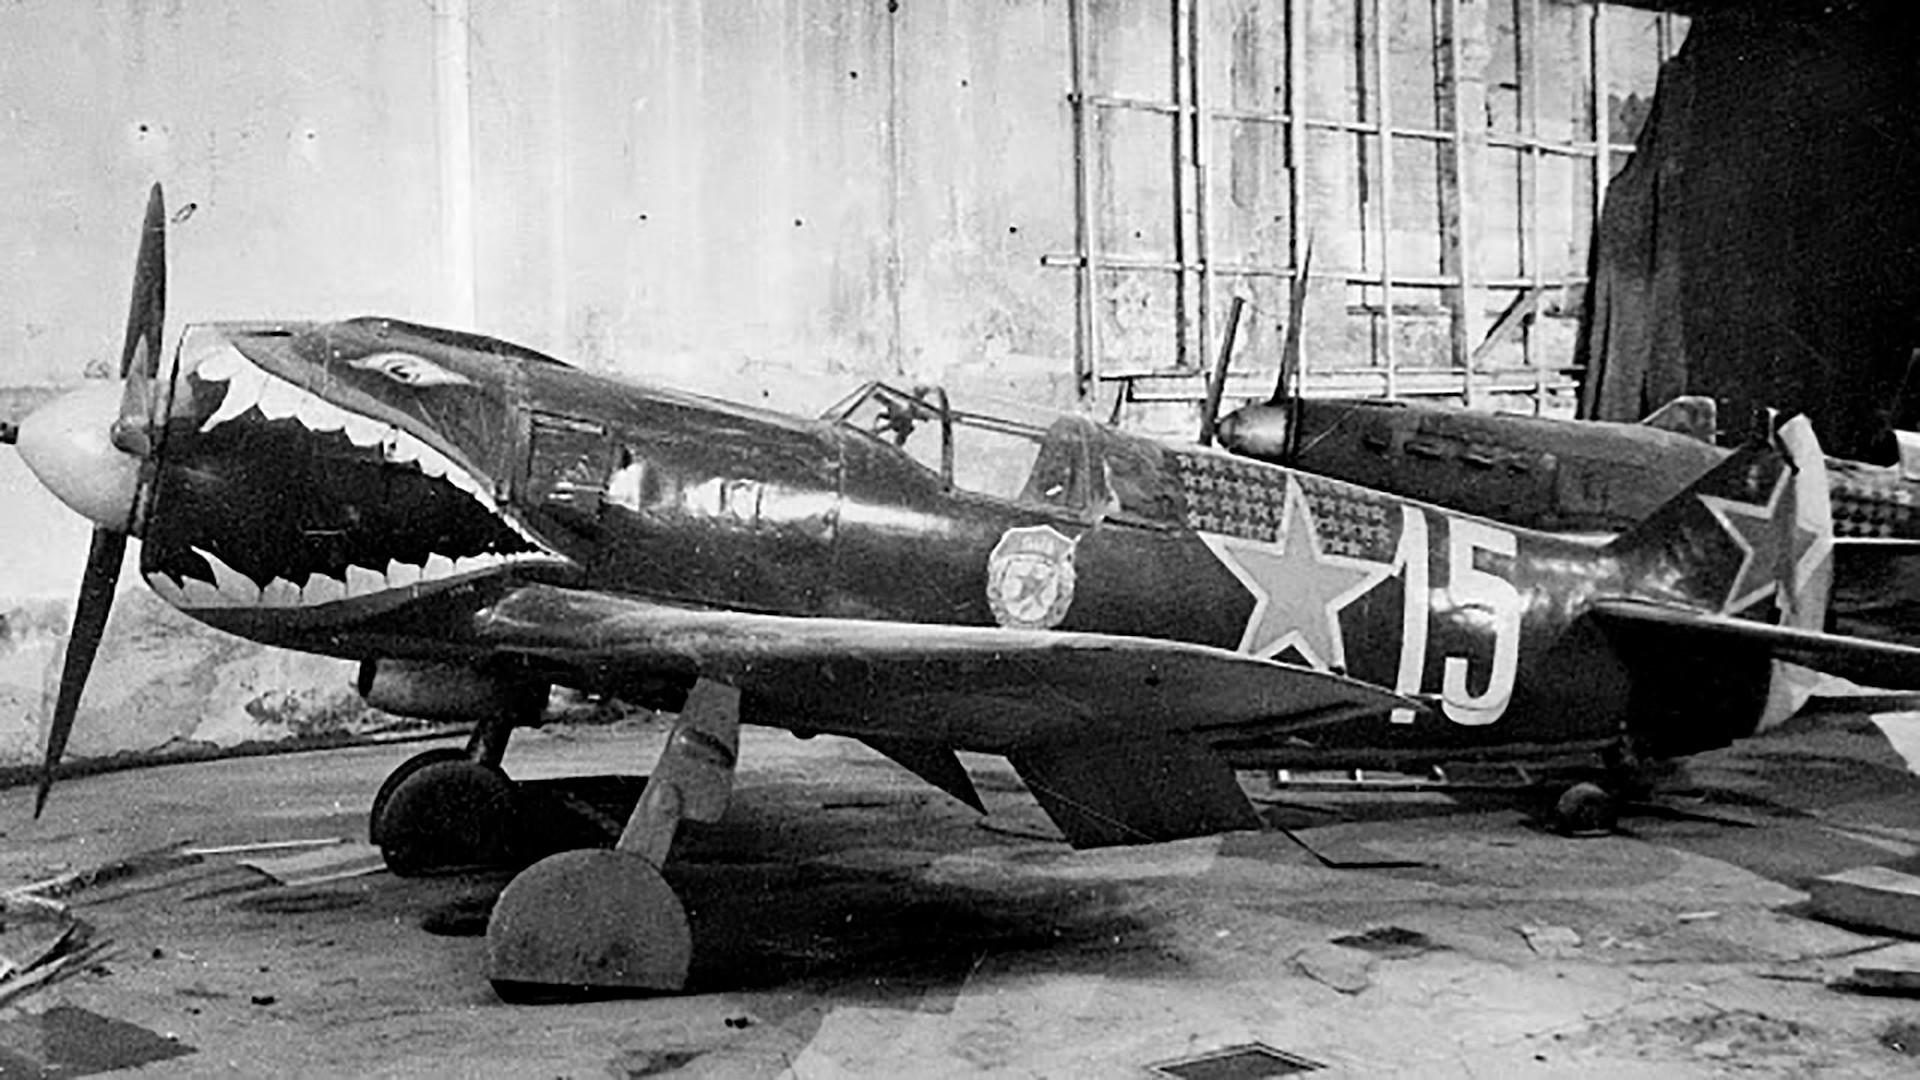 Како су совјетски пилоти украшавали своје авионе у Другом светском рату?